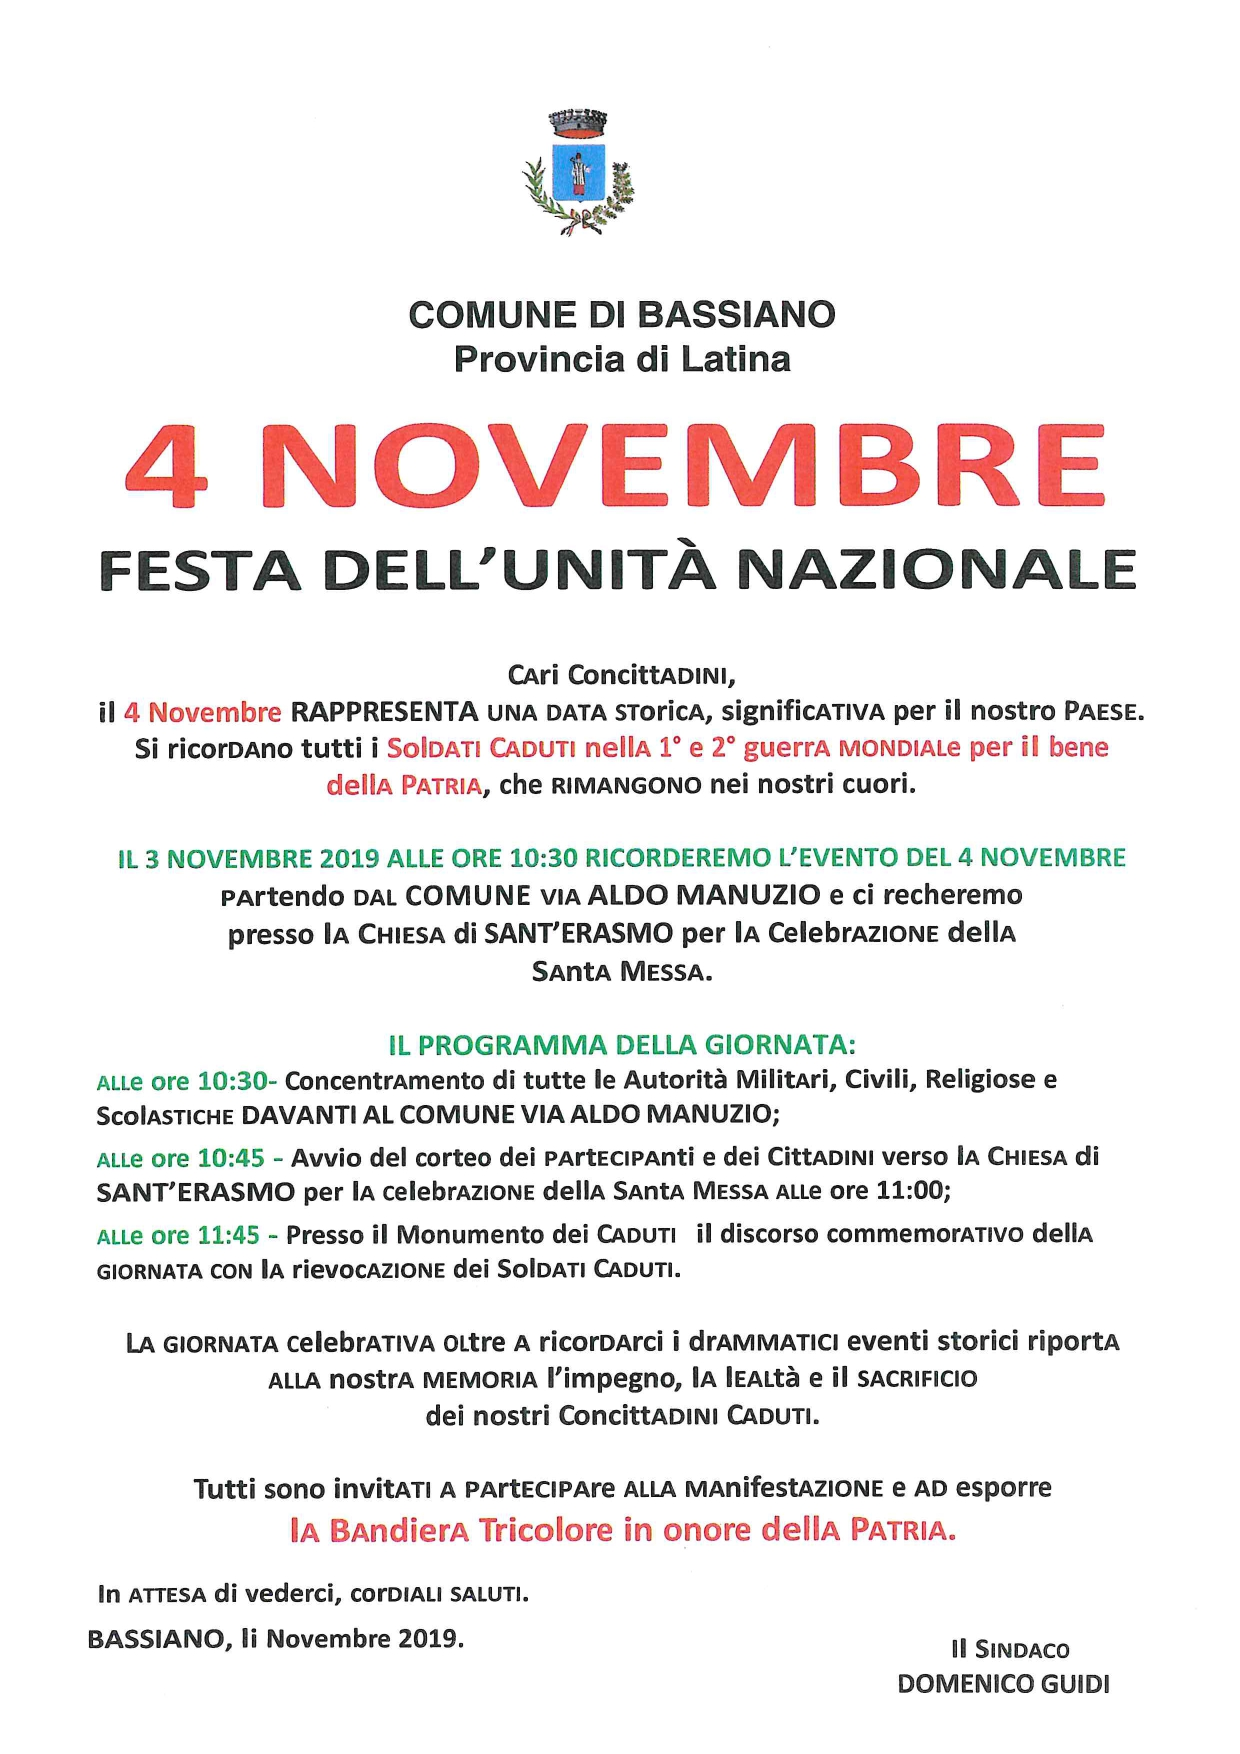 bassiano-4-novembre-2019